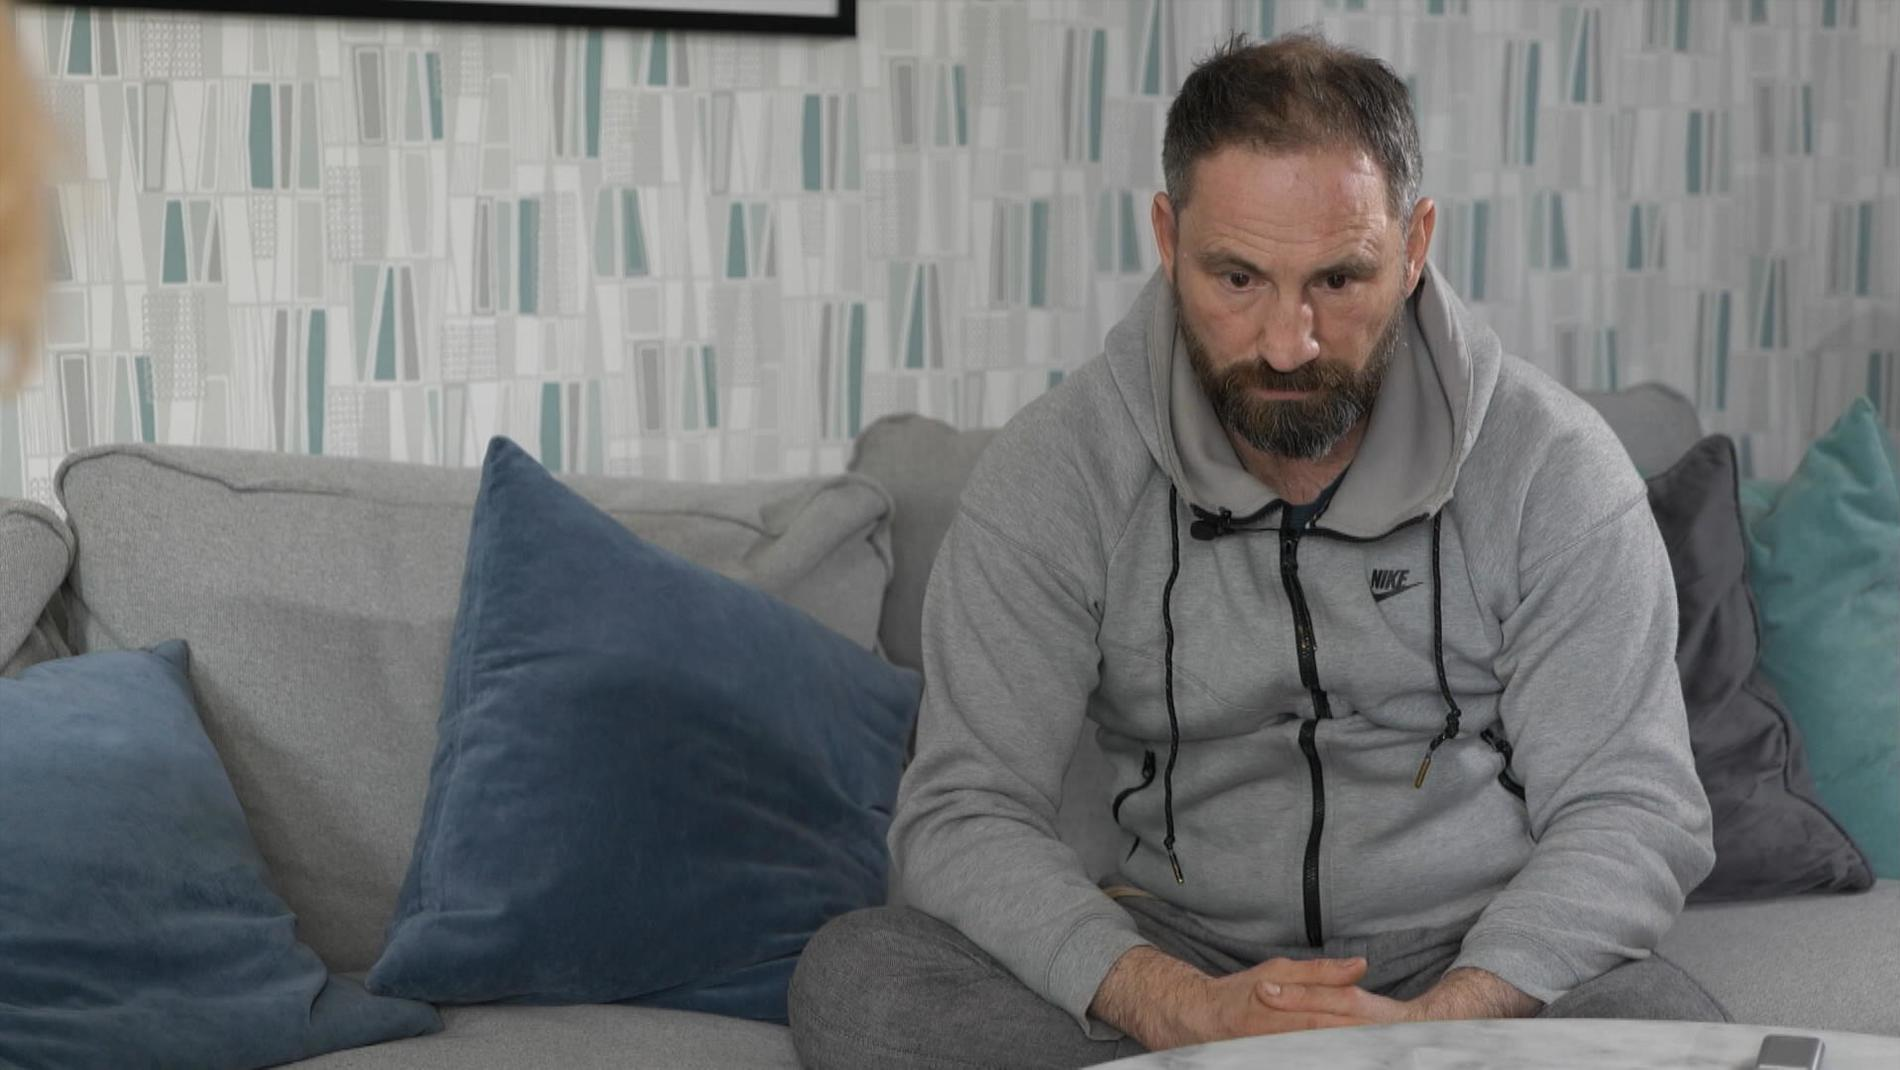 Paolo Roberto i intervju med Jenny Strömstedt.